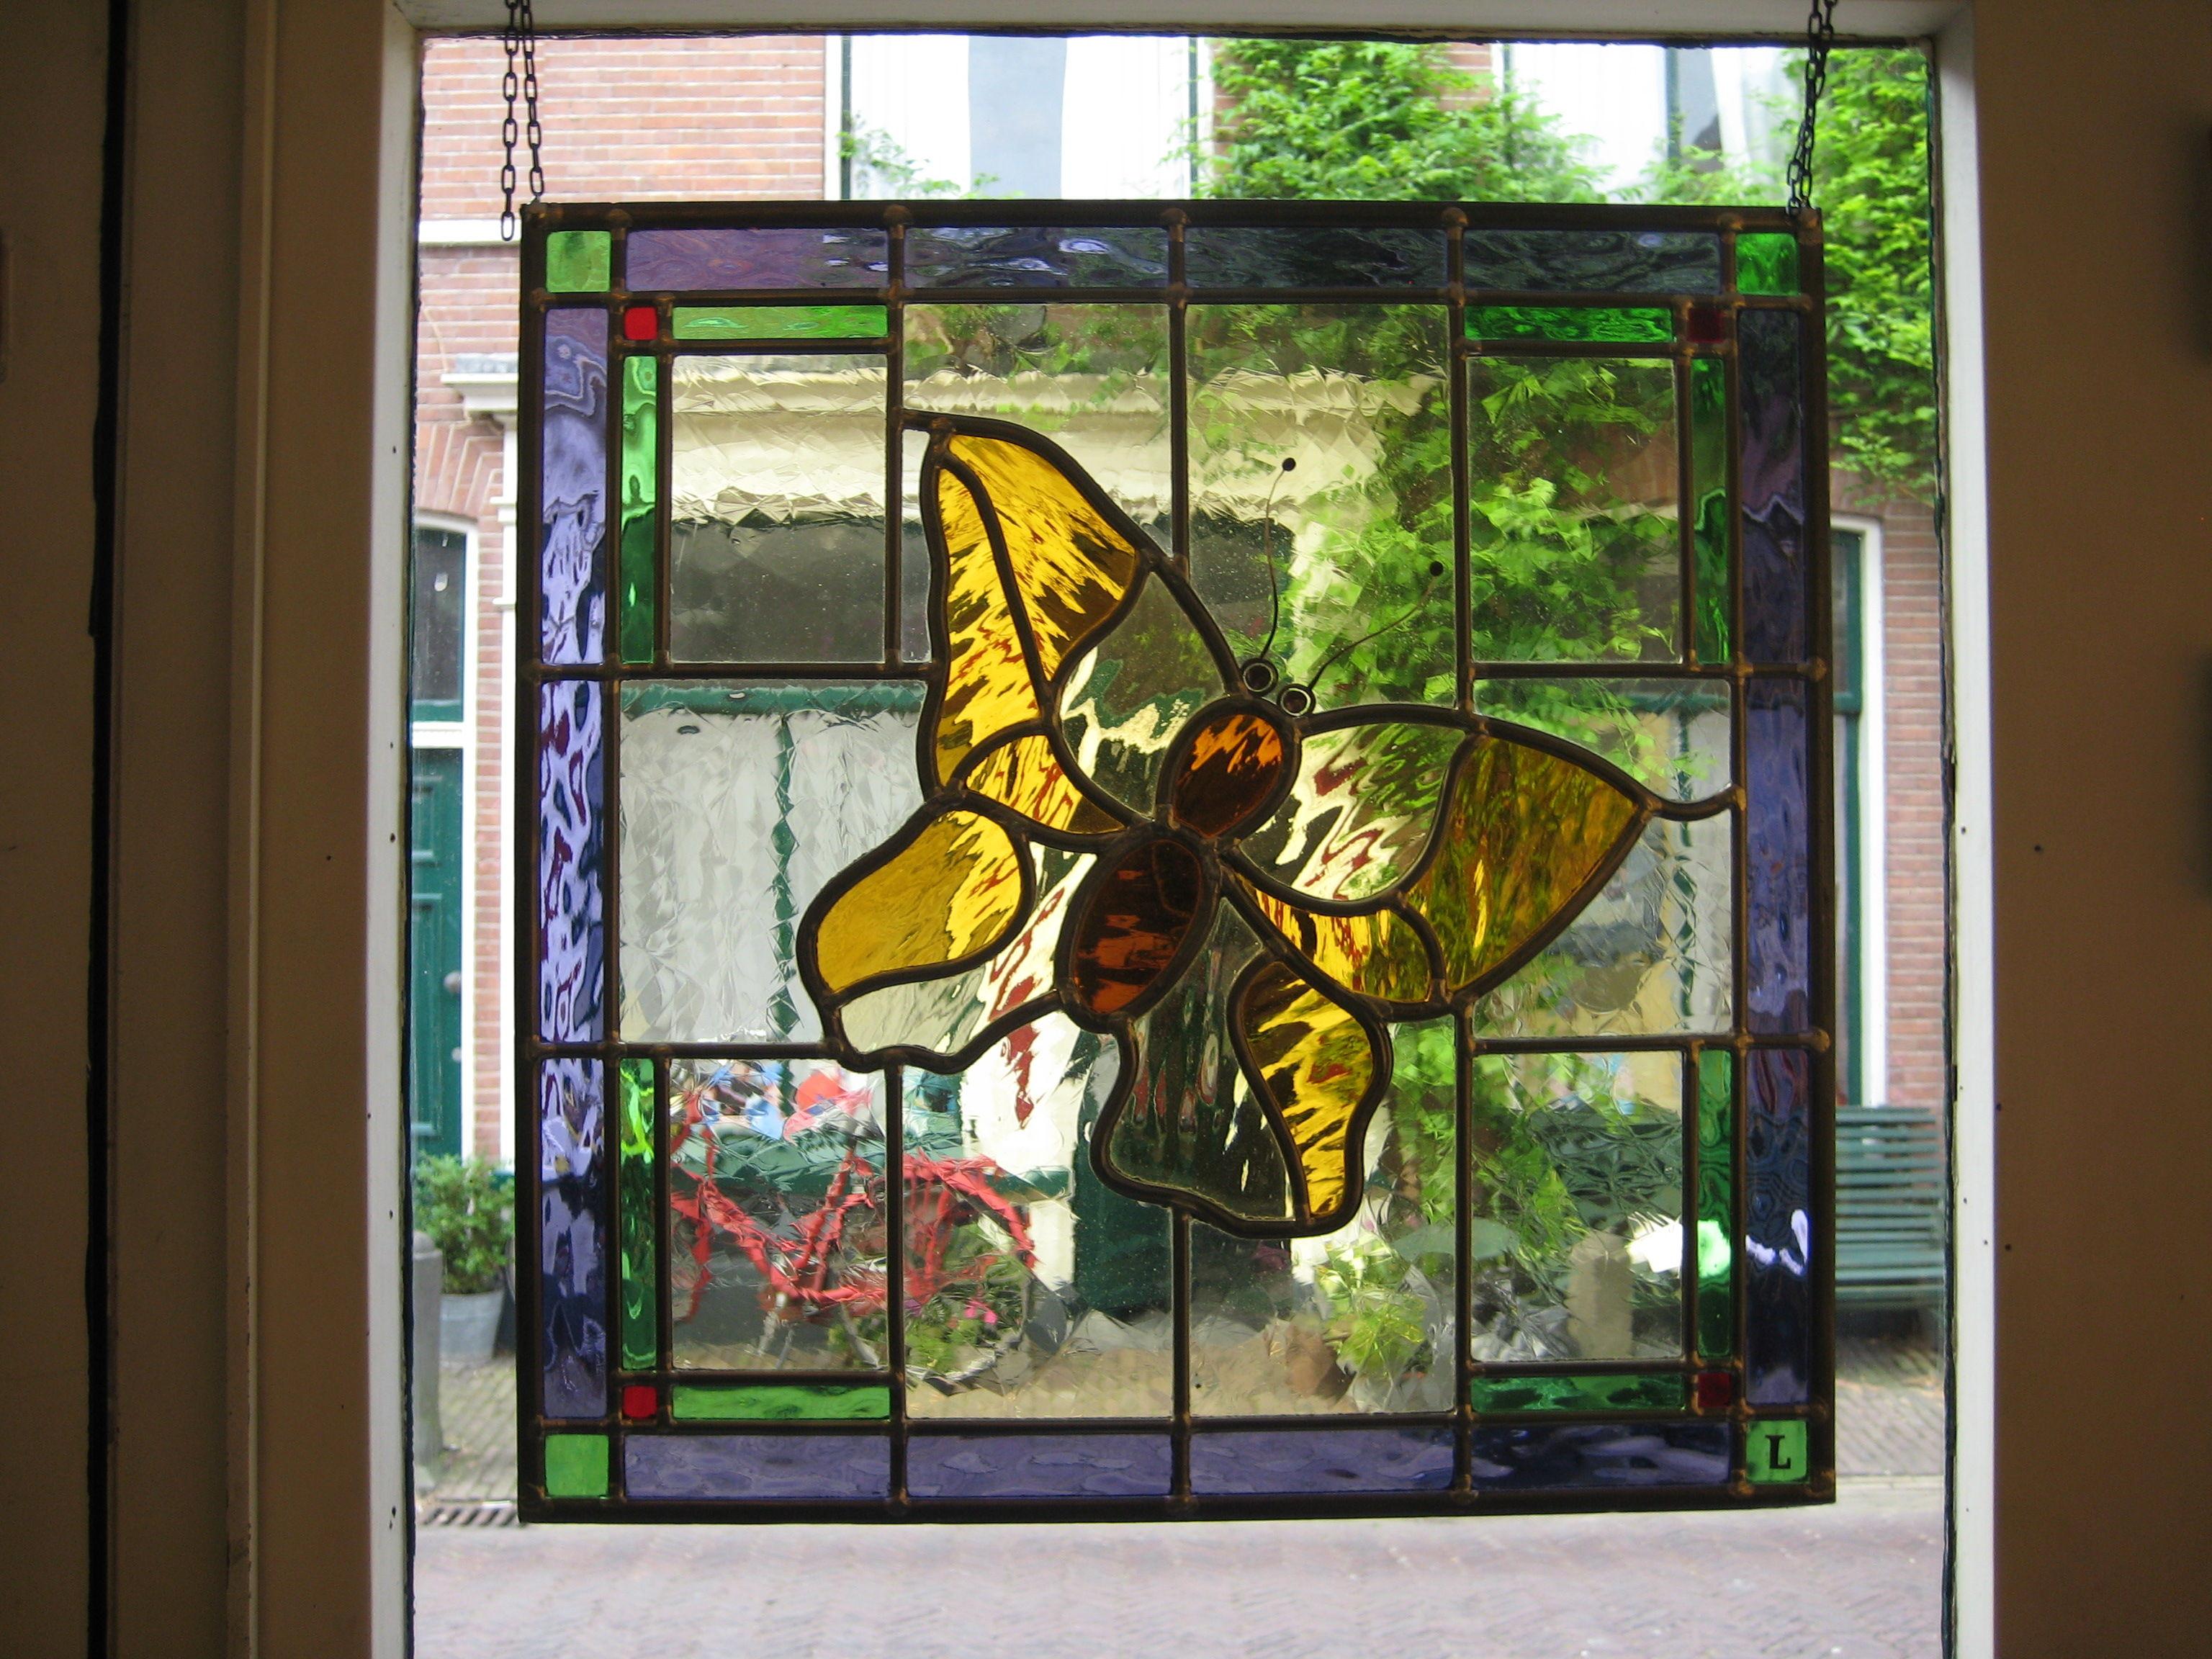 Glas En Lood Ramen.Glas In Lood Ramen Ontwerpen Stainedglass Windows 33